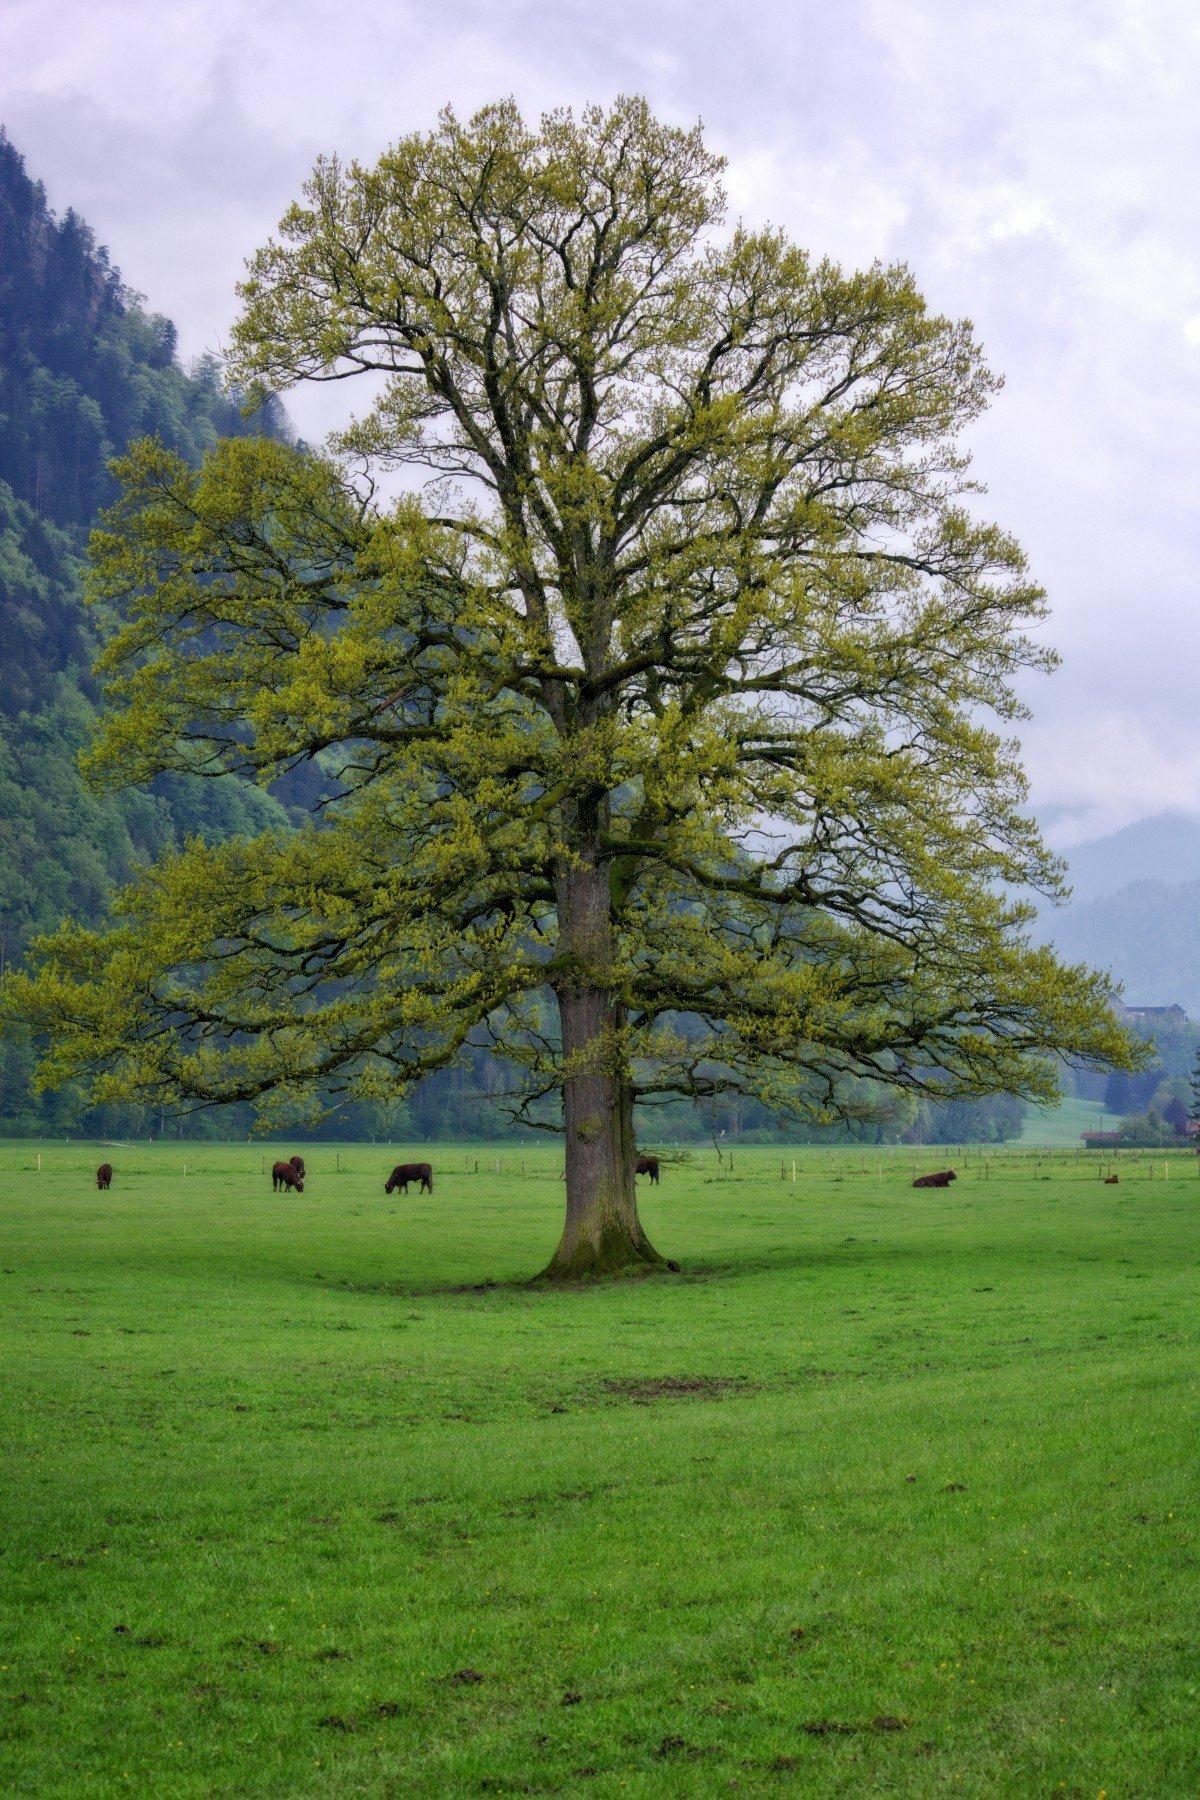 фото дерева типа дуб равно